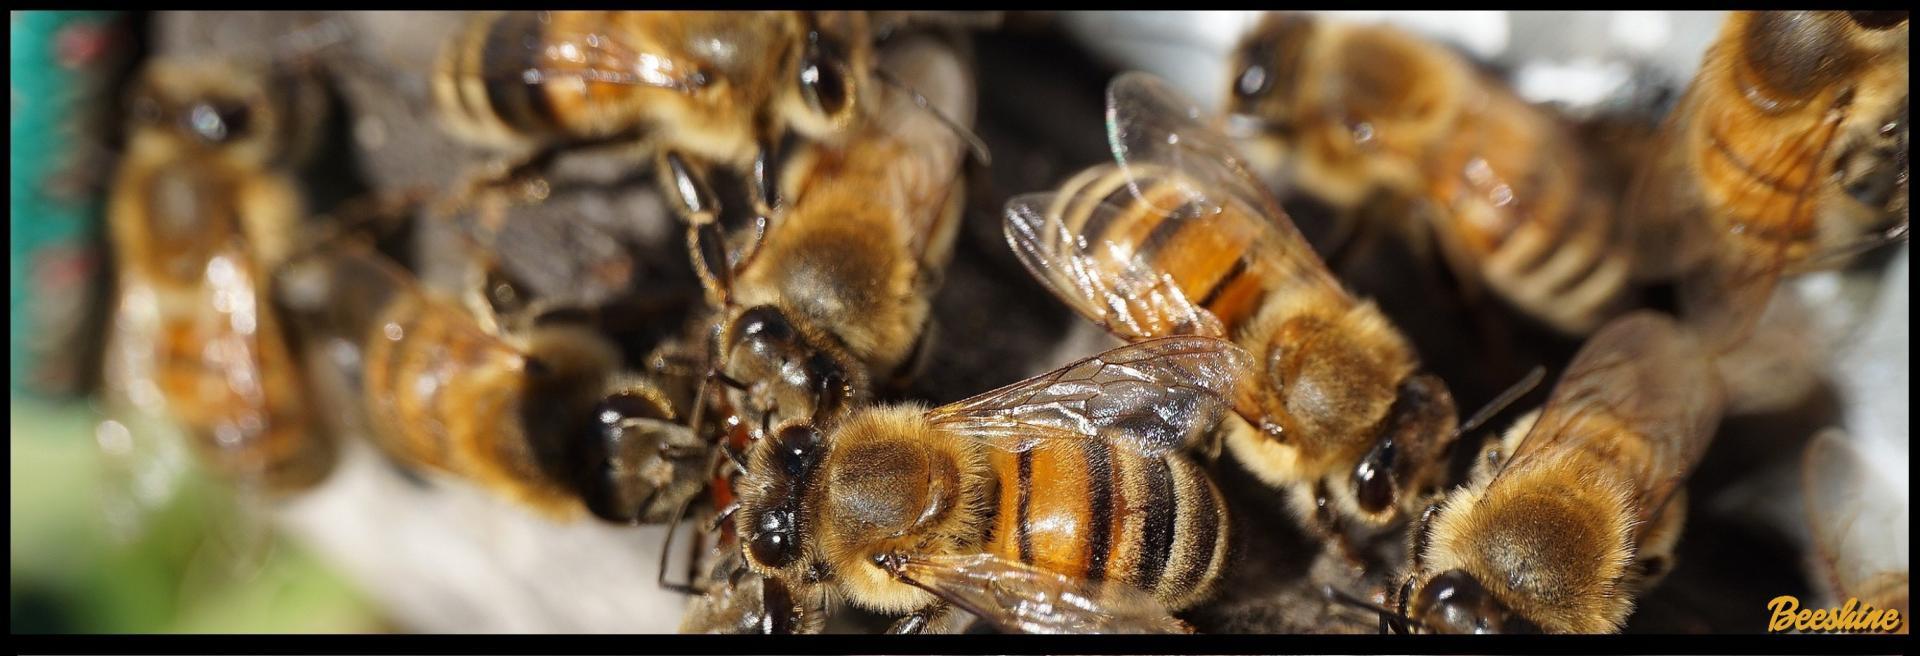 Beeshine -Aliment complémentaire pour abeilles